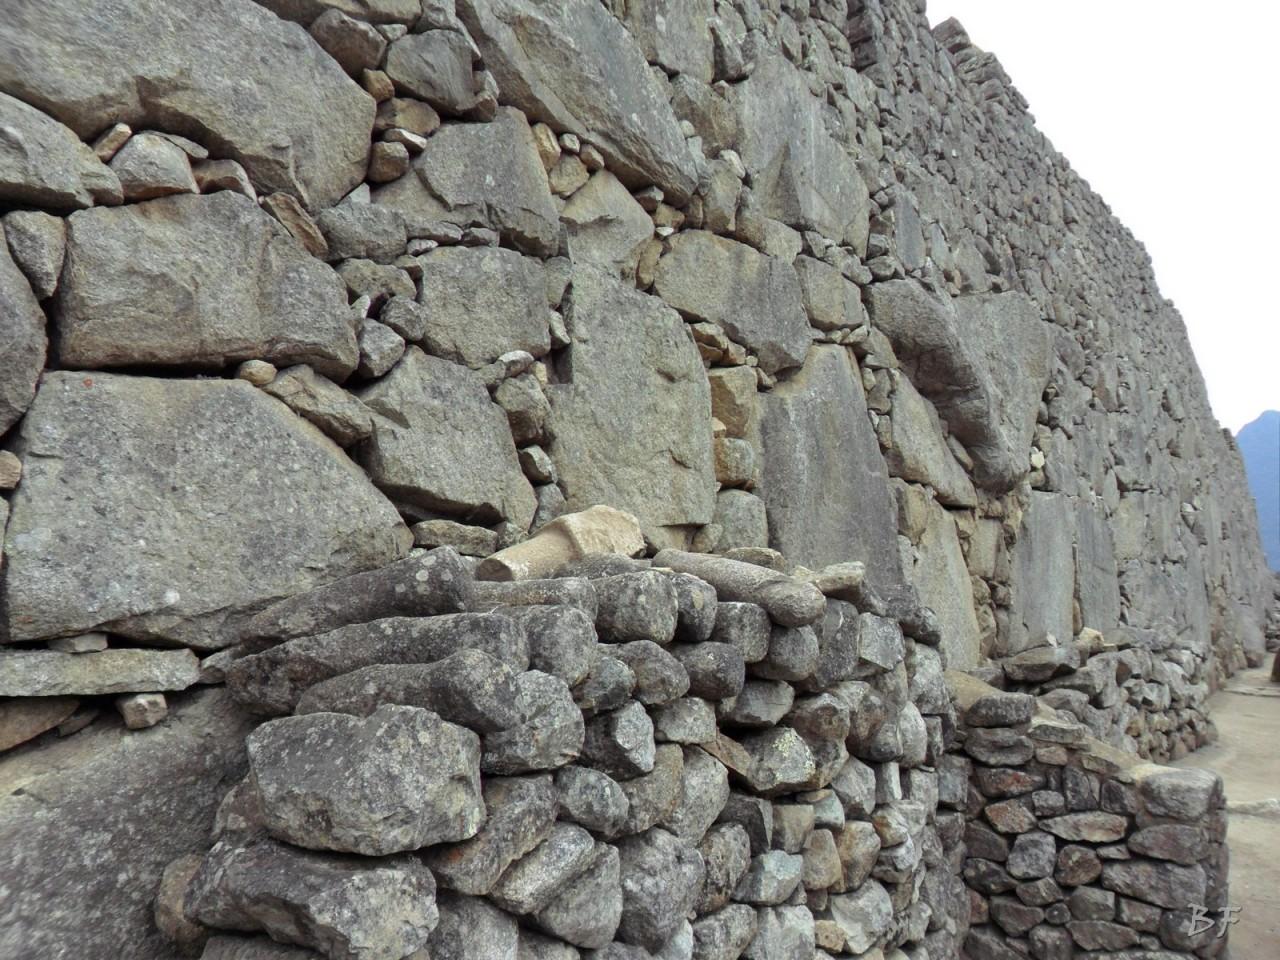 Mura-Poligonali-Incisioni-Altari-Edifici-Rupestri-Megaliti-Machu-Picchu-Aguas-Calientes-Urubamba-Cusco-Perù-91